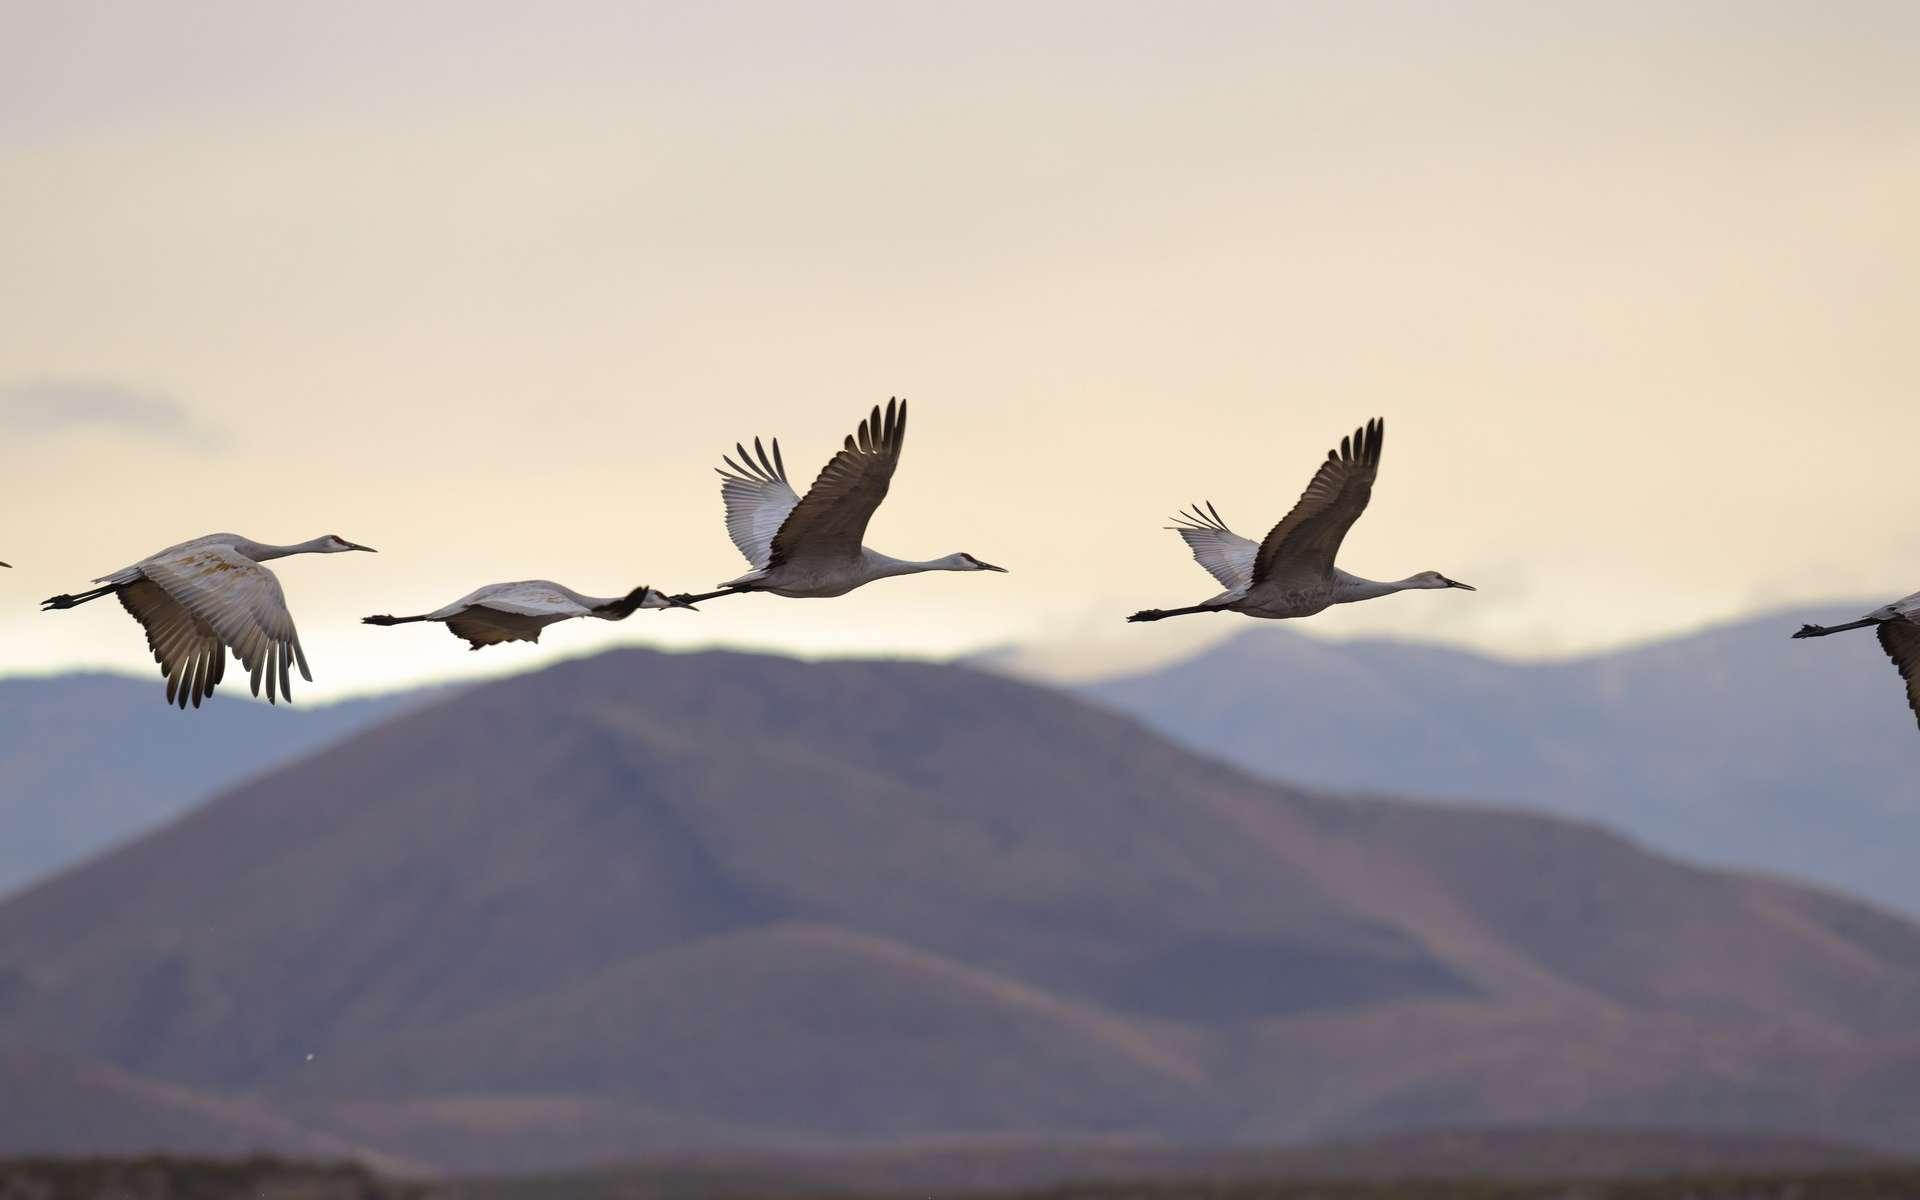 Si les oiseaux volent si haut et si loin, c'est en partie grâce à leurs poumons en boucle. © kojihirano, Adobe Stock